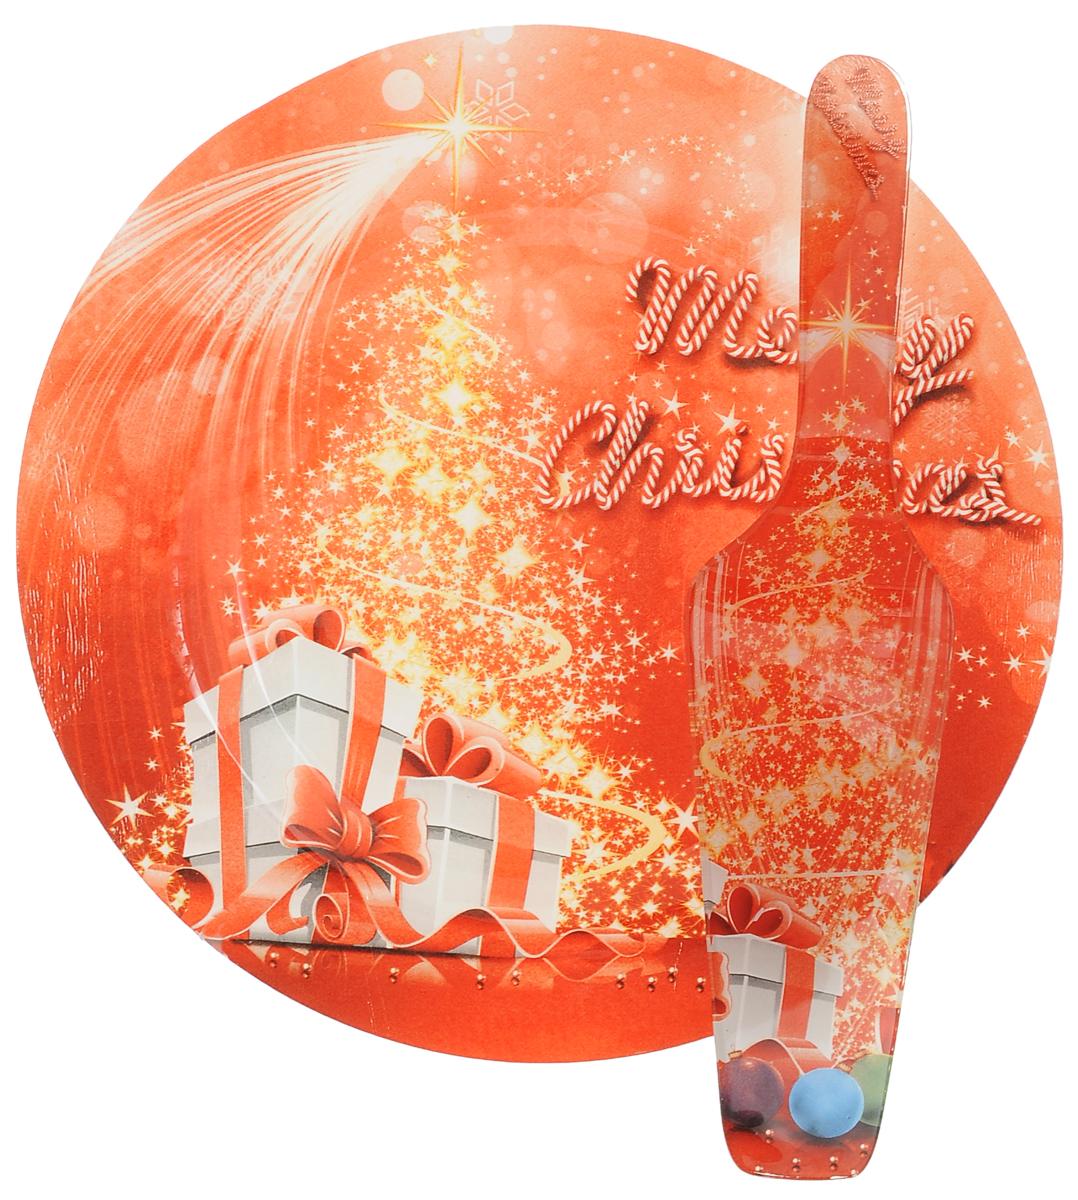 Набор для торта Lillo Новогодний, 2 предмета115510Набор для торта Lillo Новогодний состоит из круглого блюда и лопатки. Изделия выполнены из стекла и оформлены изображением подарков и надписью Merry Christmas. Набор идеален для подачи тортов, пирогов и другой выпечки.Яркий новогодний дизайн сделает набор изысканным украшением праздничного стола.Диаметр блюда: 25 см.Длина лопатки: 26,5